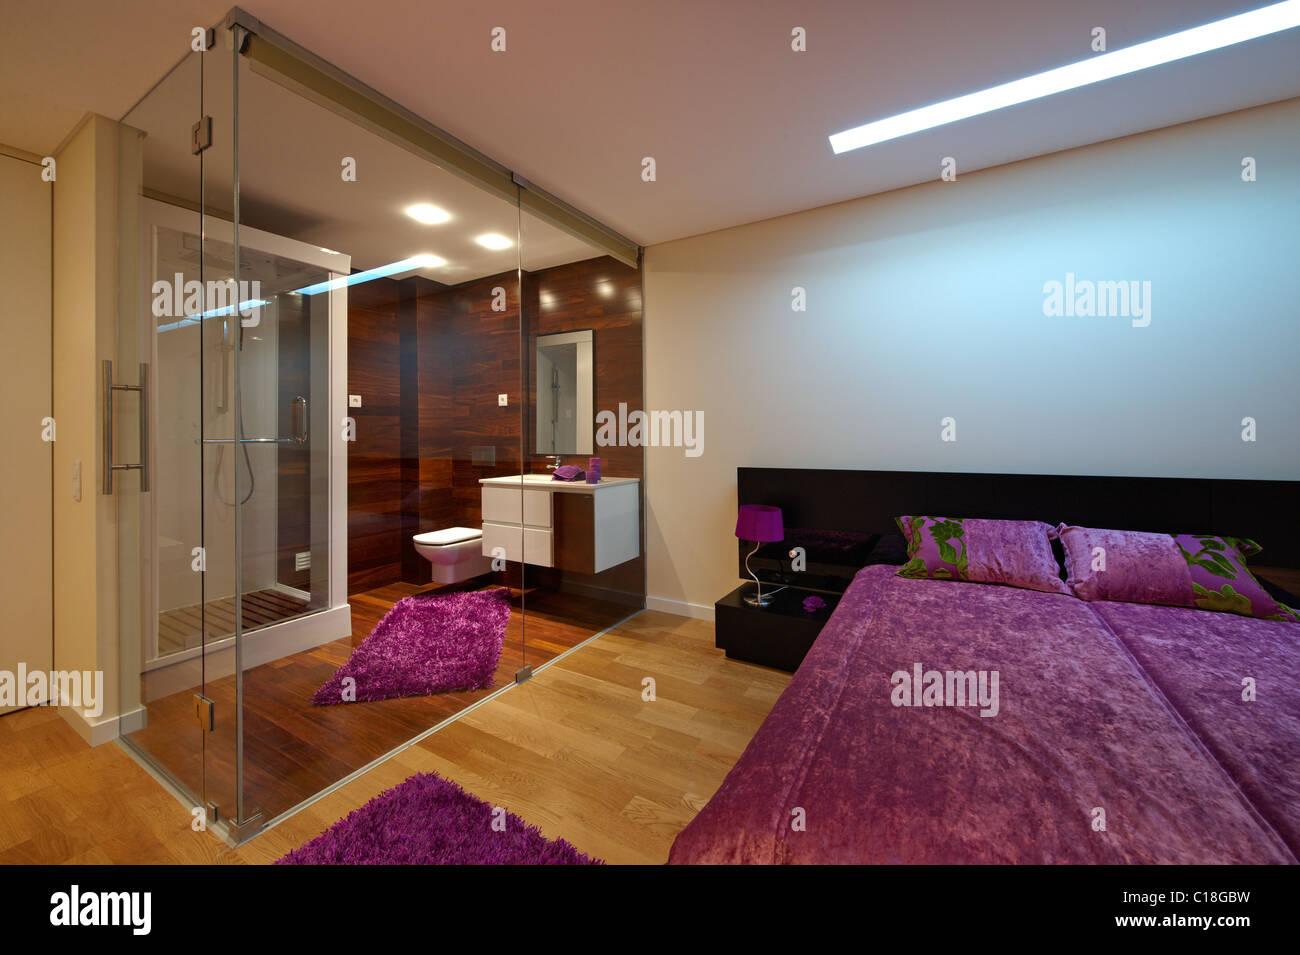 Bagno In Camera Con Vetrata : Camera da letto con stanza da bagno separati da pareti in vetro foto